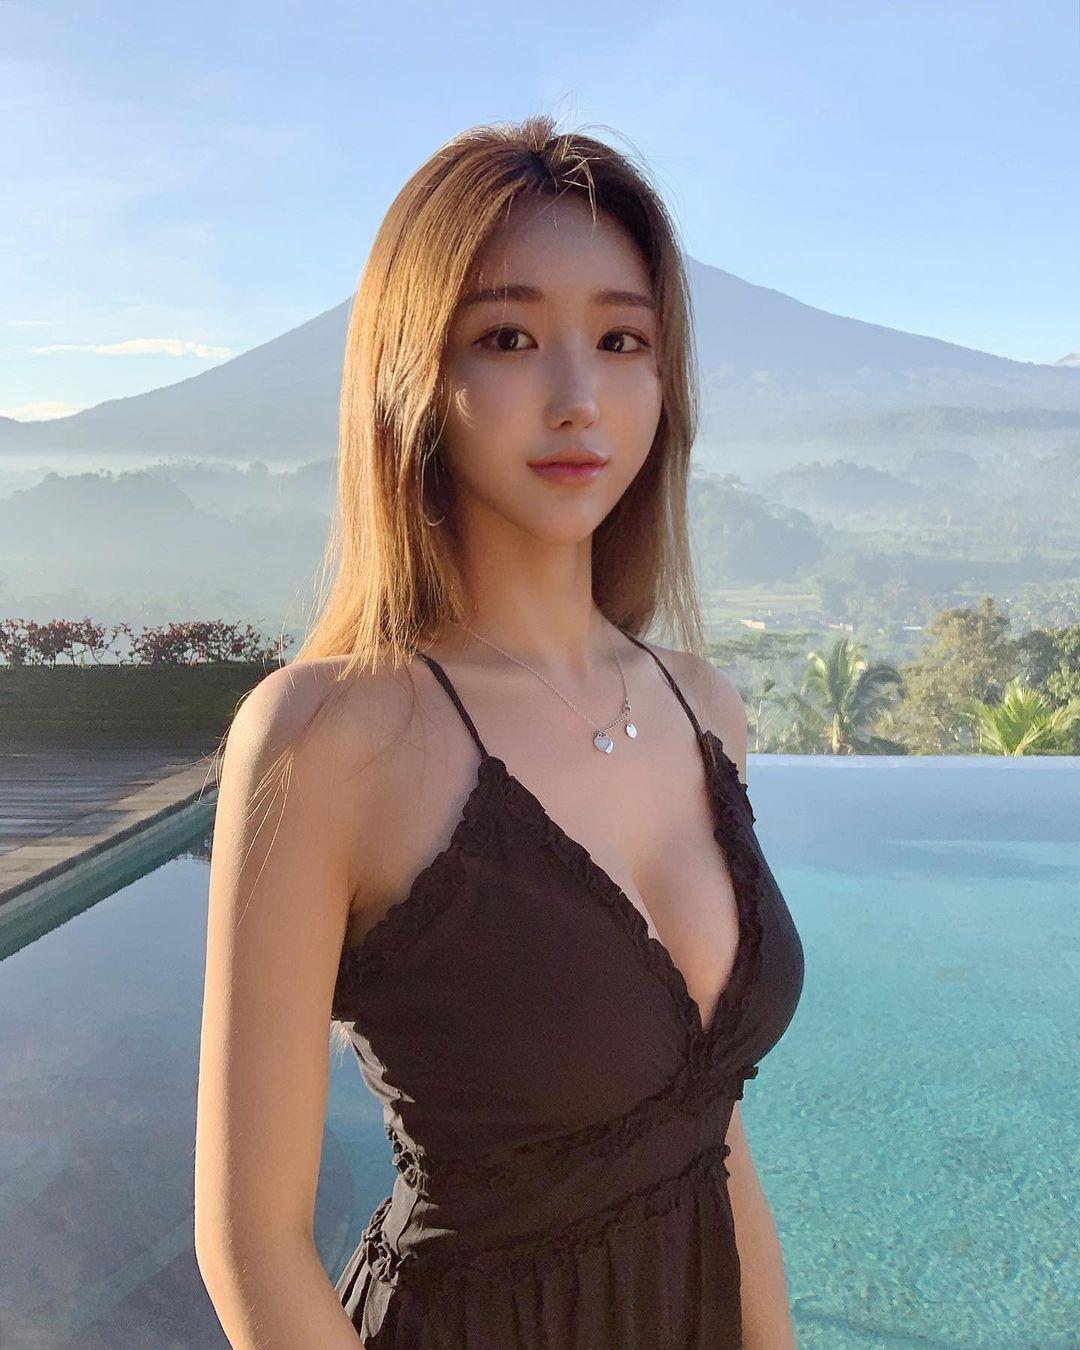 韩国气质小姐姐qtd___,颜值让人神魂颠倒,那性感曲线实在太迷人啦